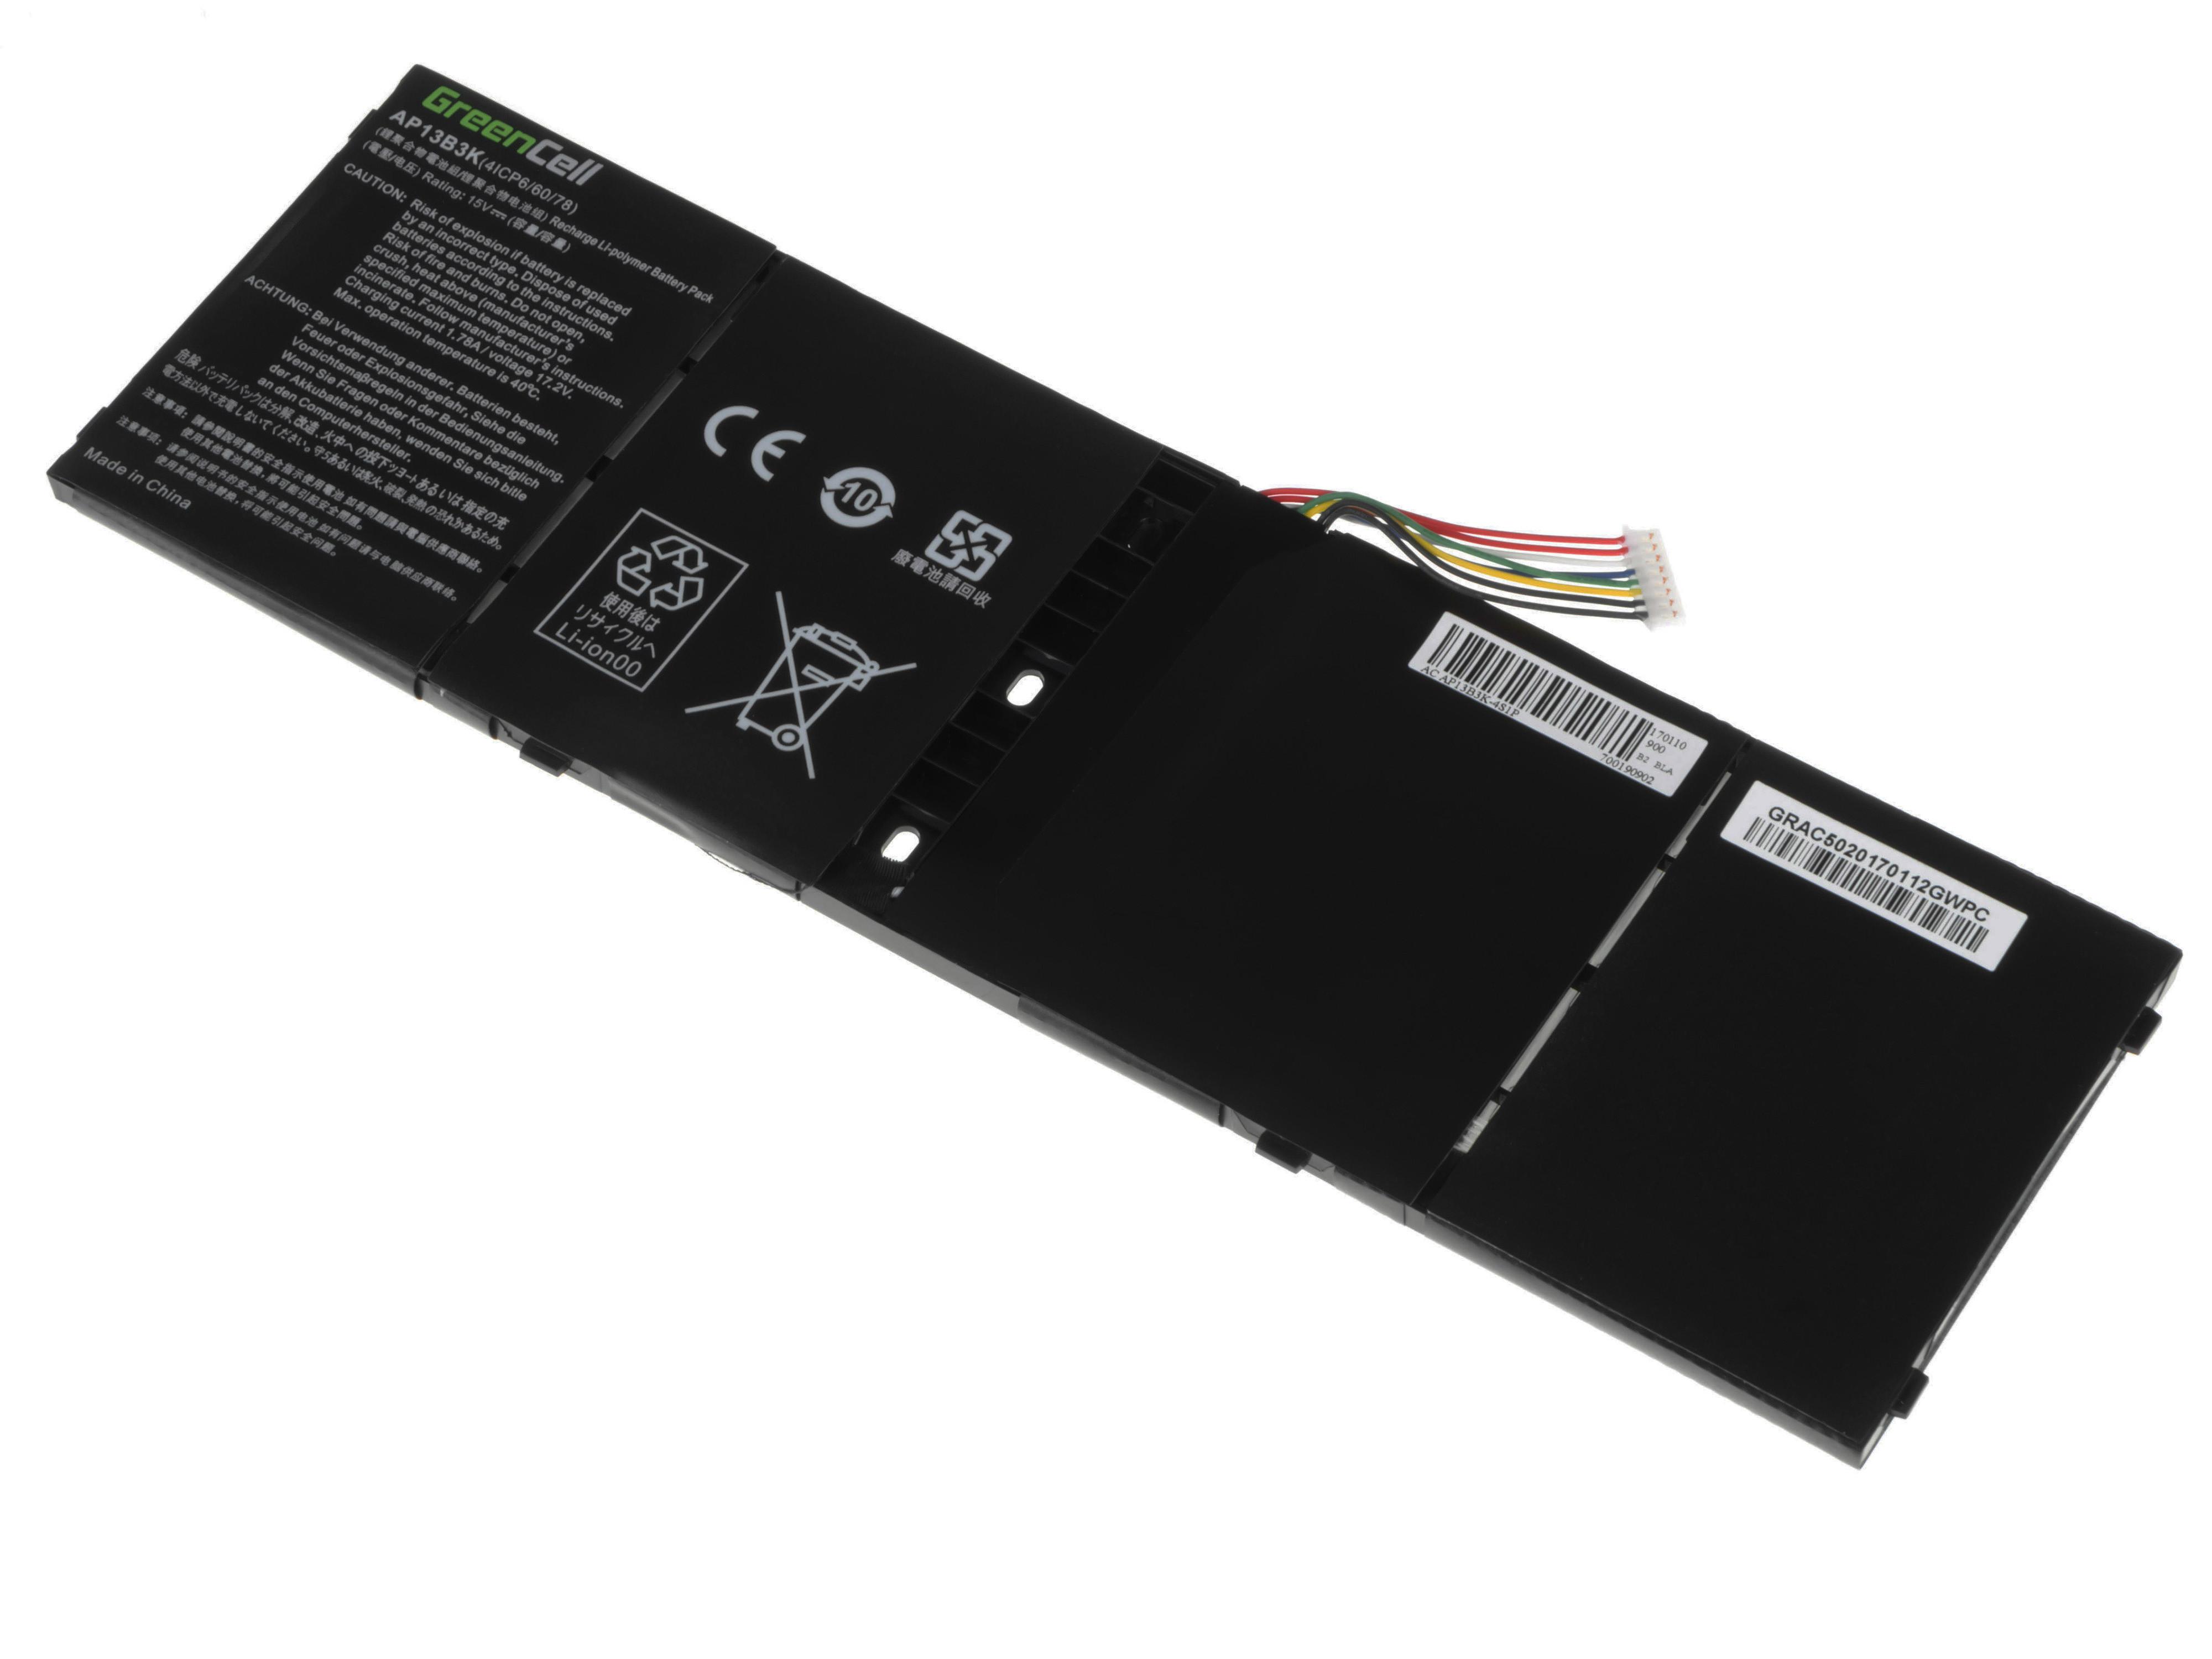 Green Cell AC48 Baterie Acer Aspire V5-552/552P/572/573/573G/V7-581/R7-571/AP13B3K/AL13B3K 3400mAh Li-Pol – neoriginální